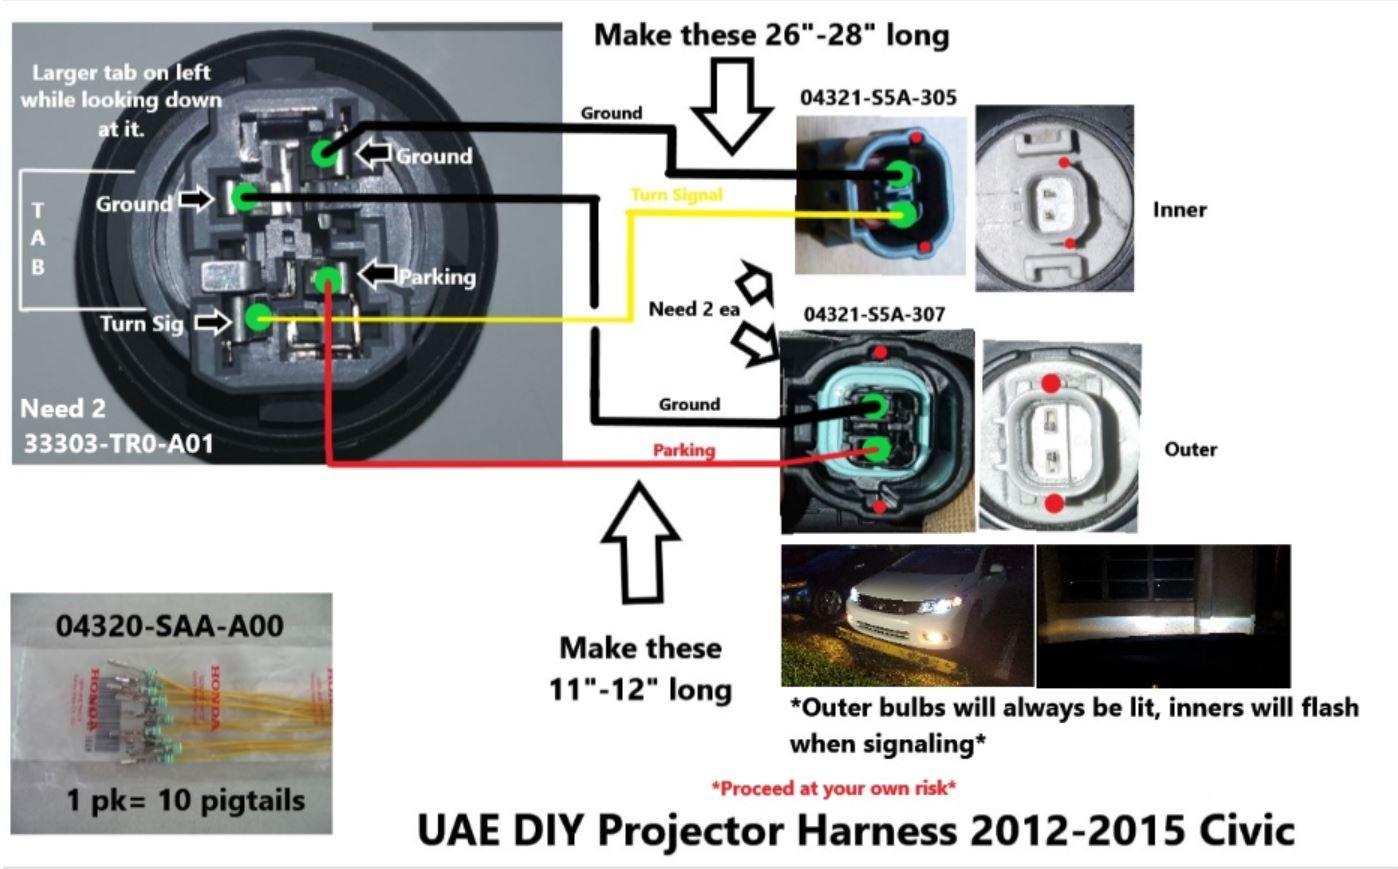 Wiring harness jobs in uae yondo tech on wiring harness uae Ford Wiring Harness Kits TPI Wiring Harness